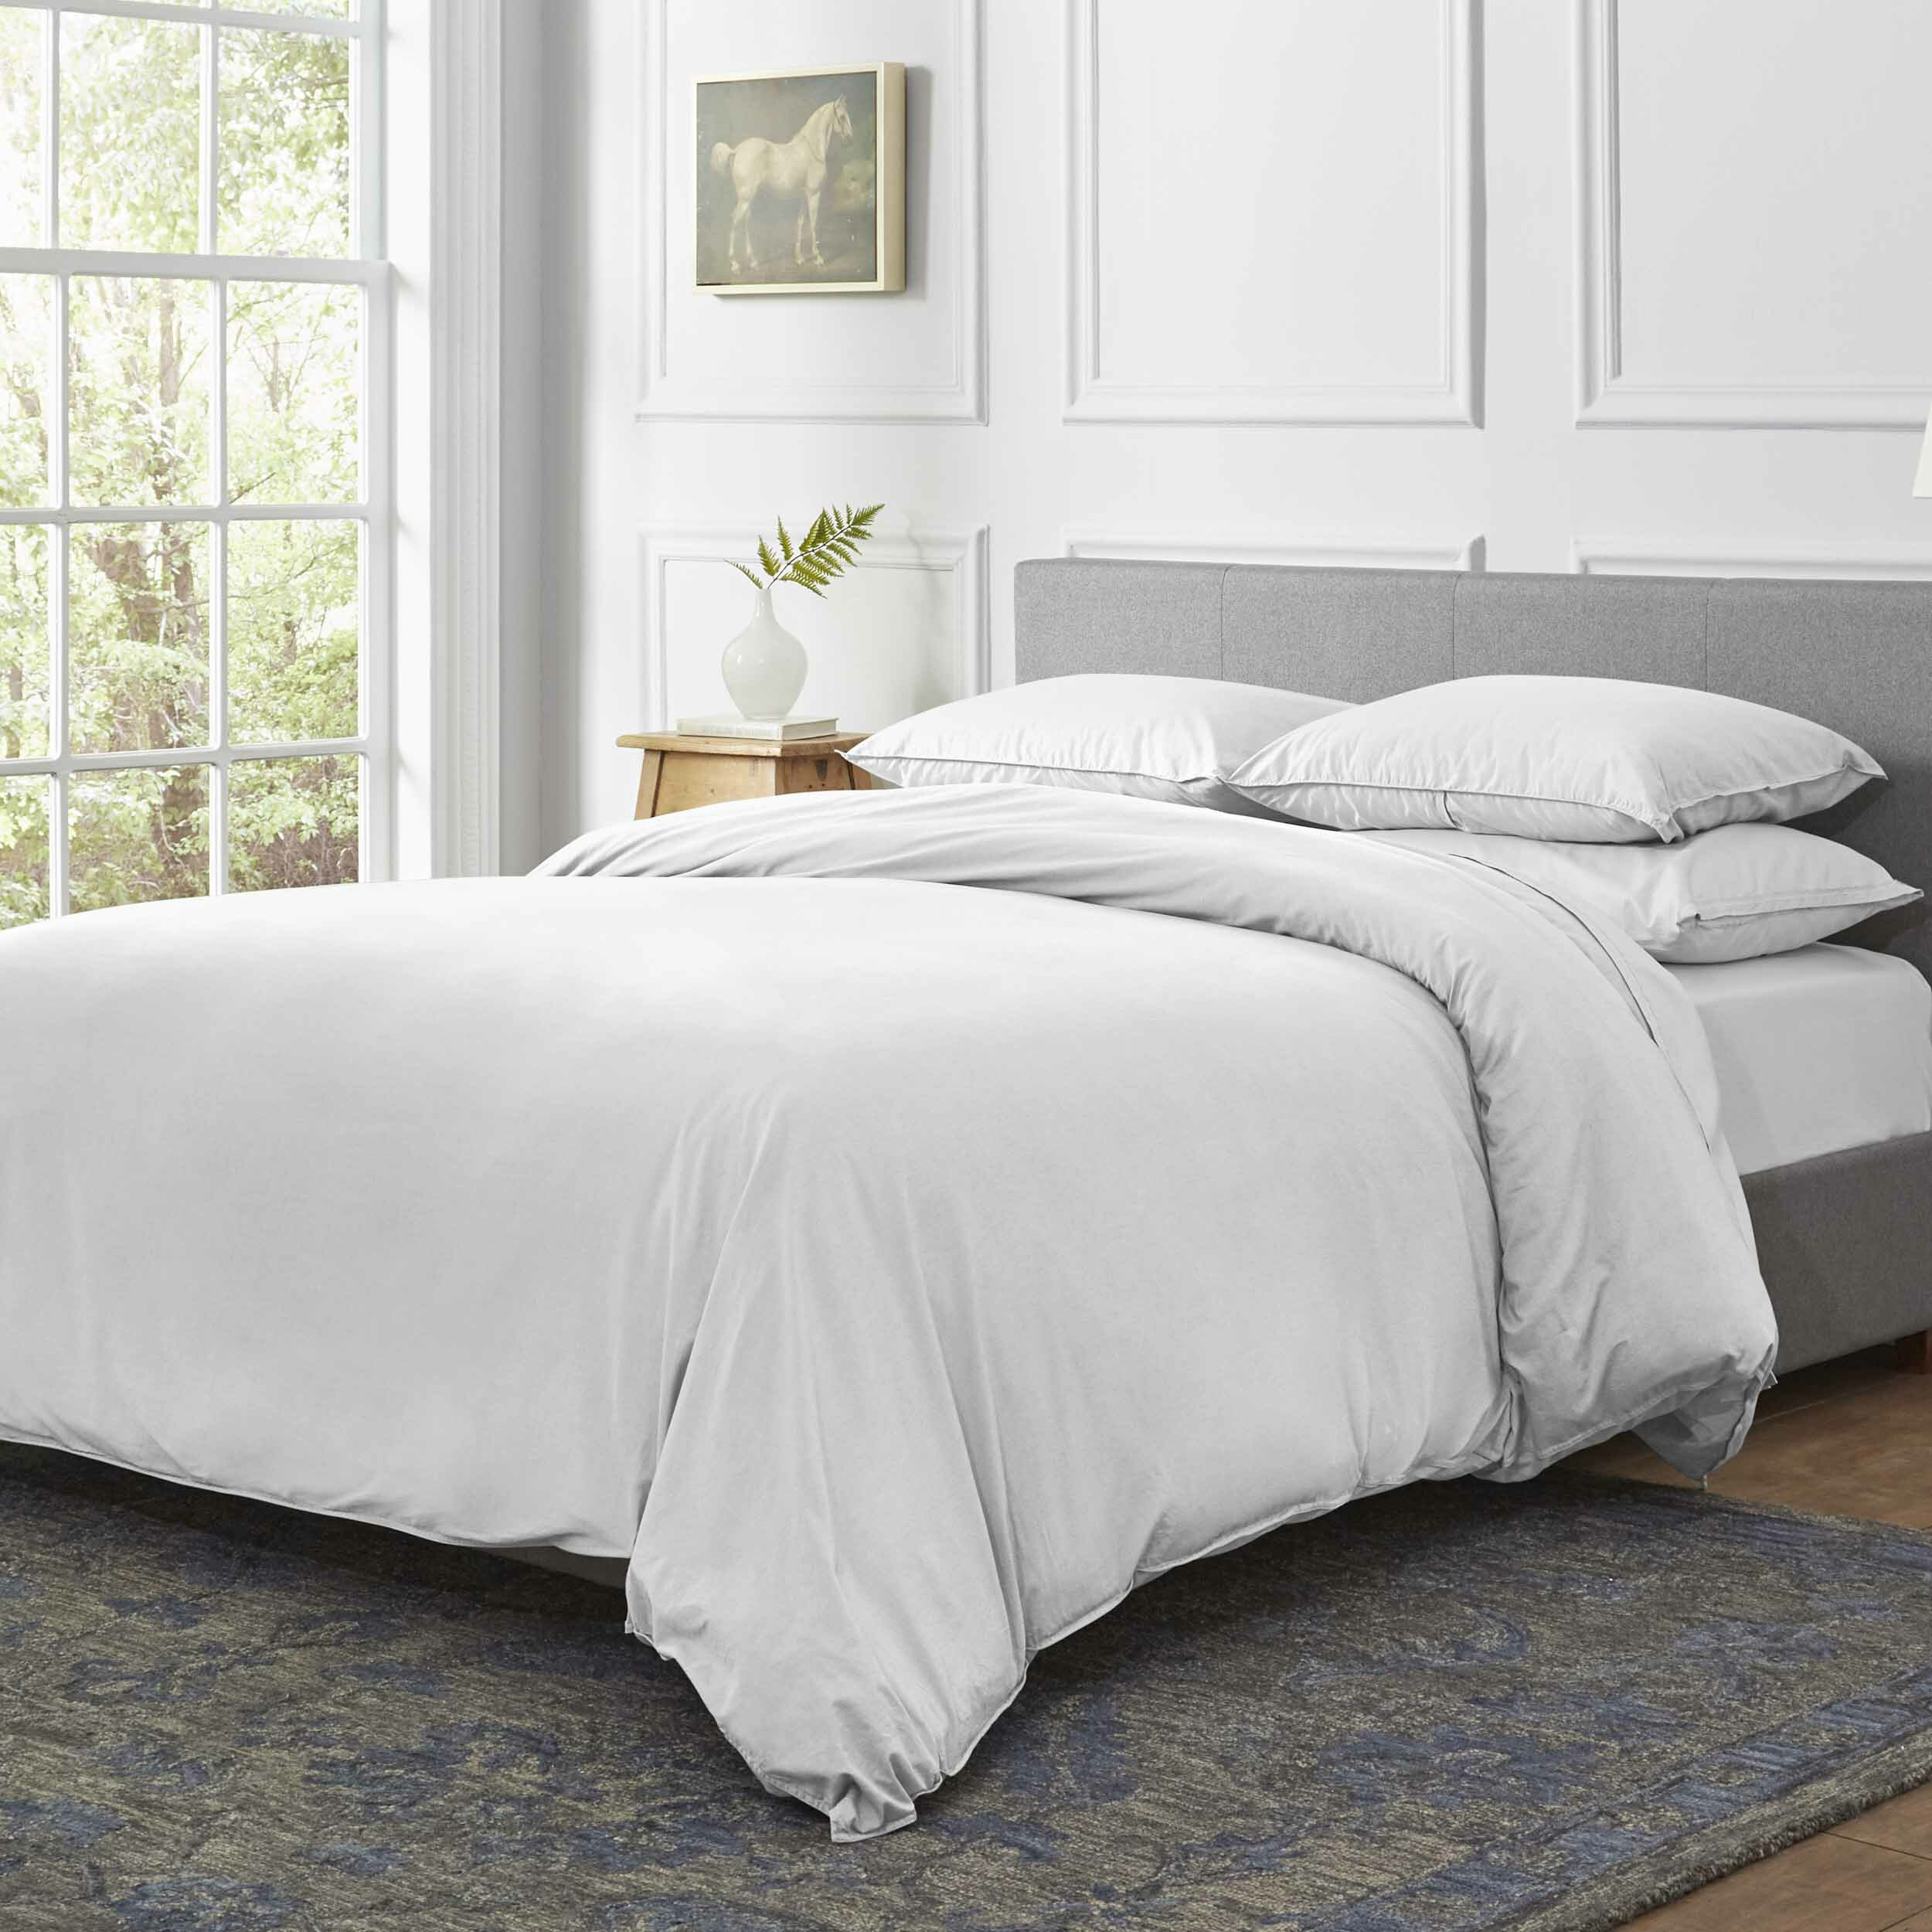 Basics Everyday Flannel Duvet Cover Set King Beige Duvet Cover Sets Bedding Sets Collections